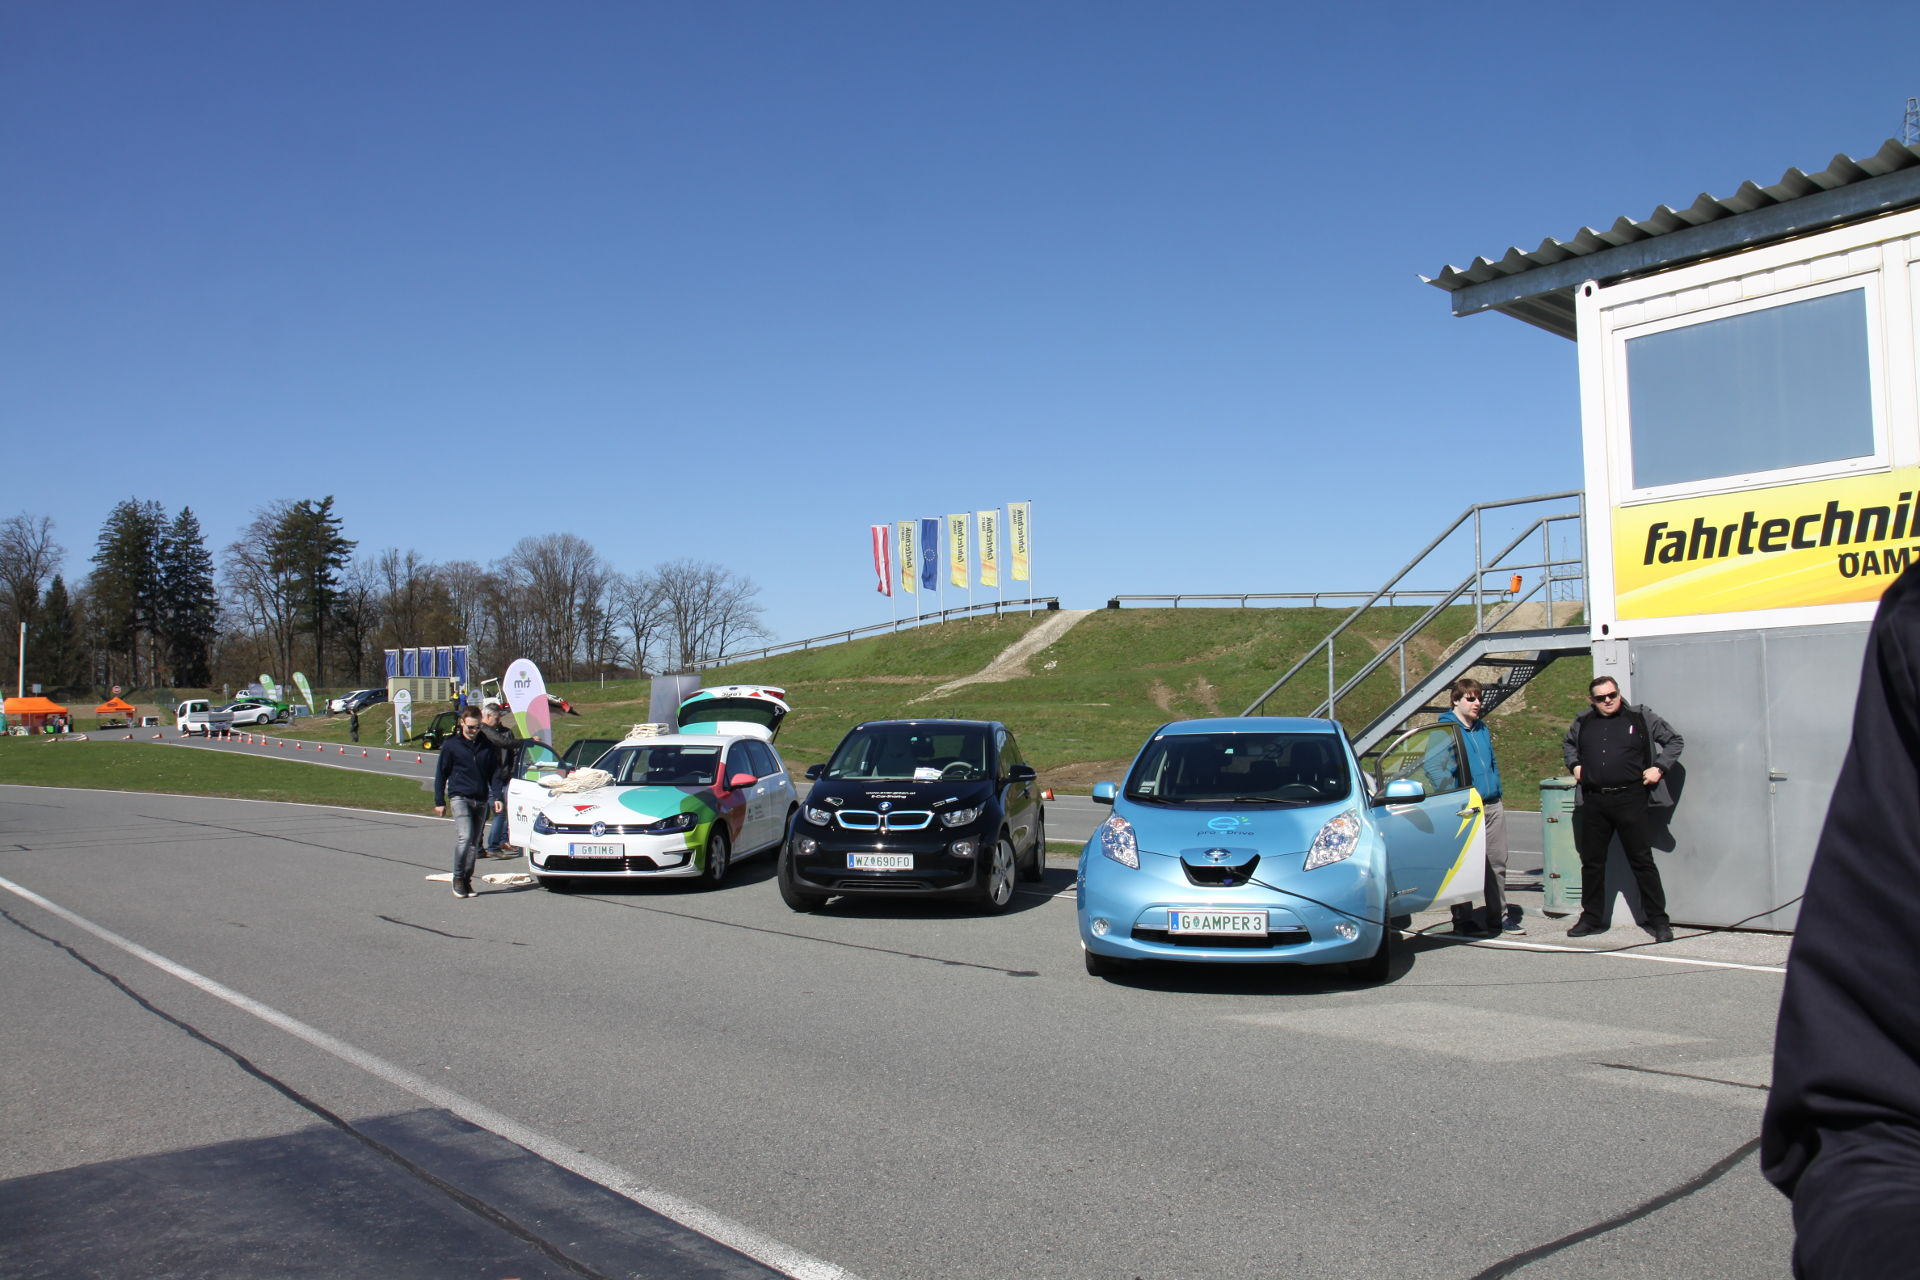 Das Angebot an E-PKWs steigt laufend. Im Bild von vlnr: E-Golf, BMW i3 und Nissan Leaf. © Tanja Solar